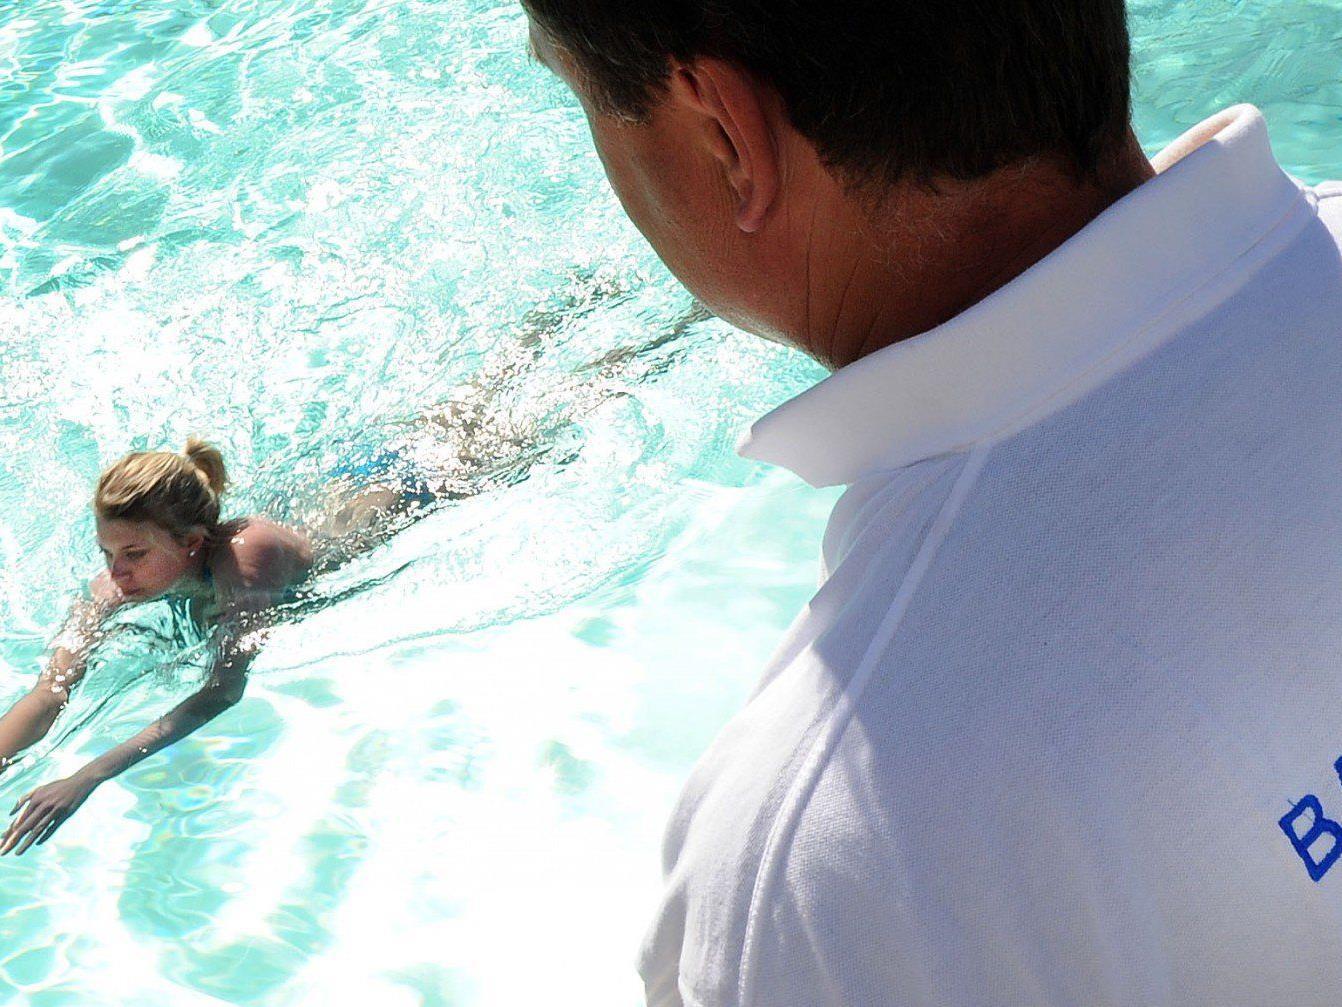 Der Fünfjährige befindet sich nach dem Badeunfall auf der Intensivstation.